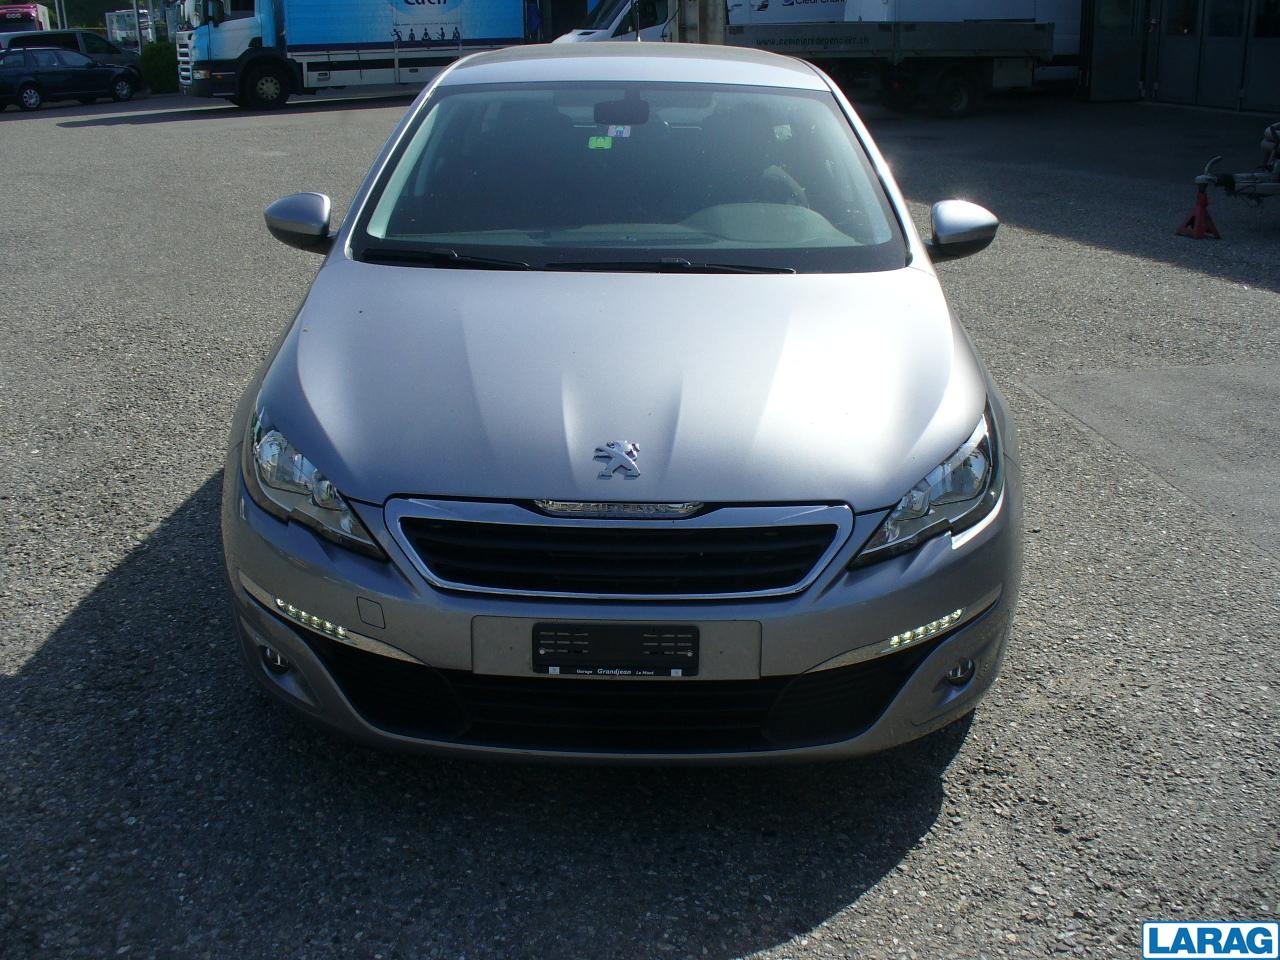 LARA4267_1016599 vehicle image